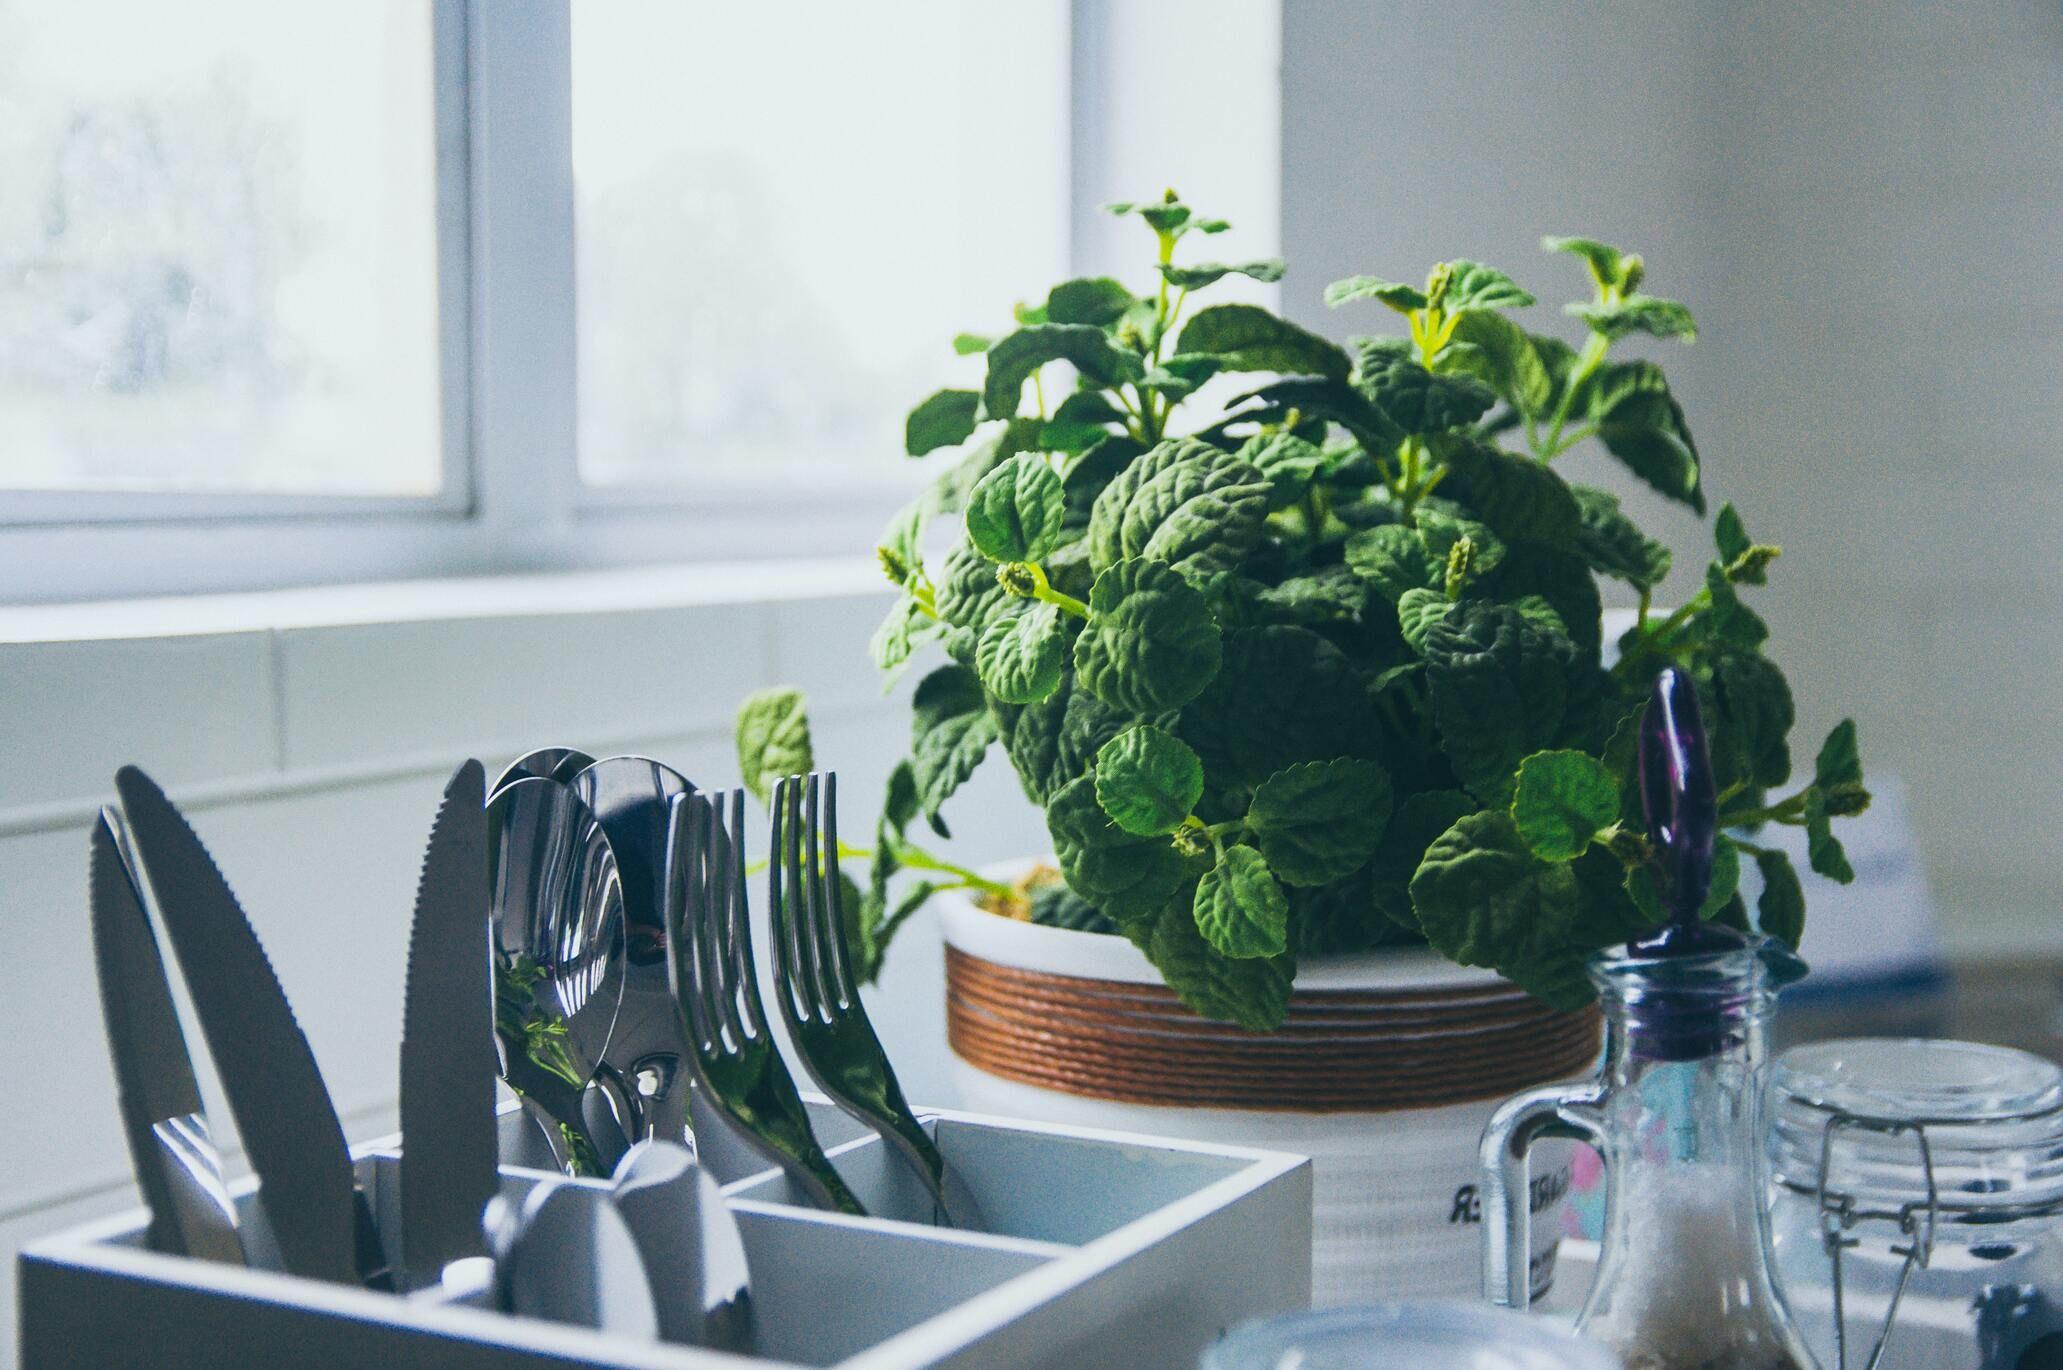 Virtuvėje vazonas su prieskoninėm žolelėm